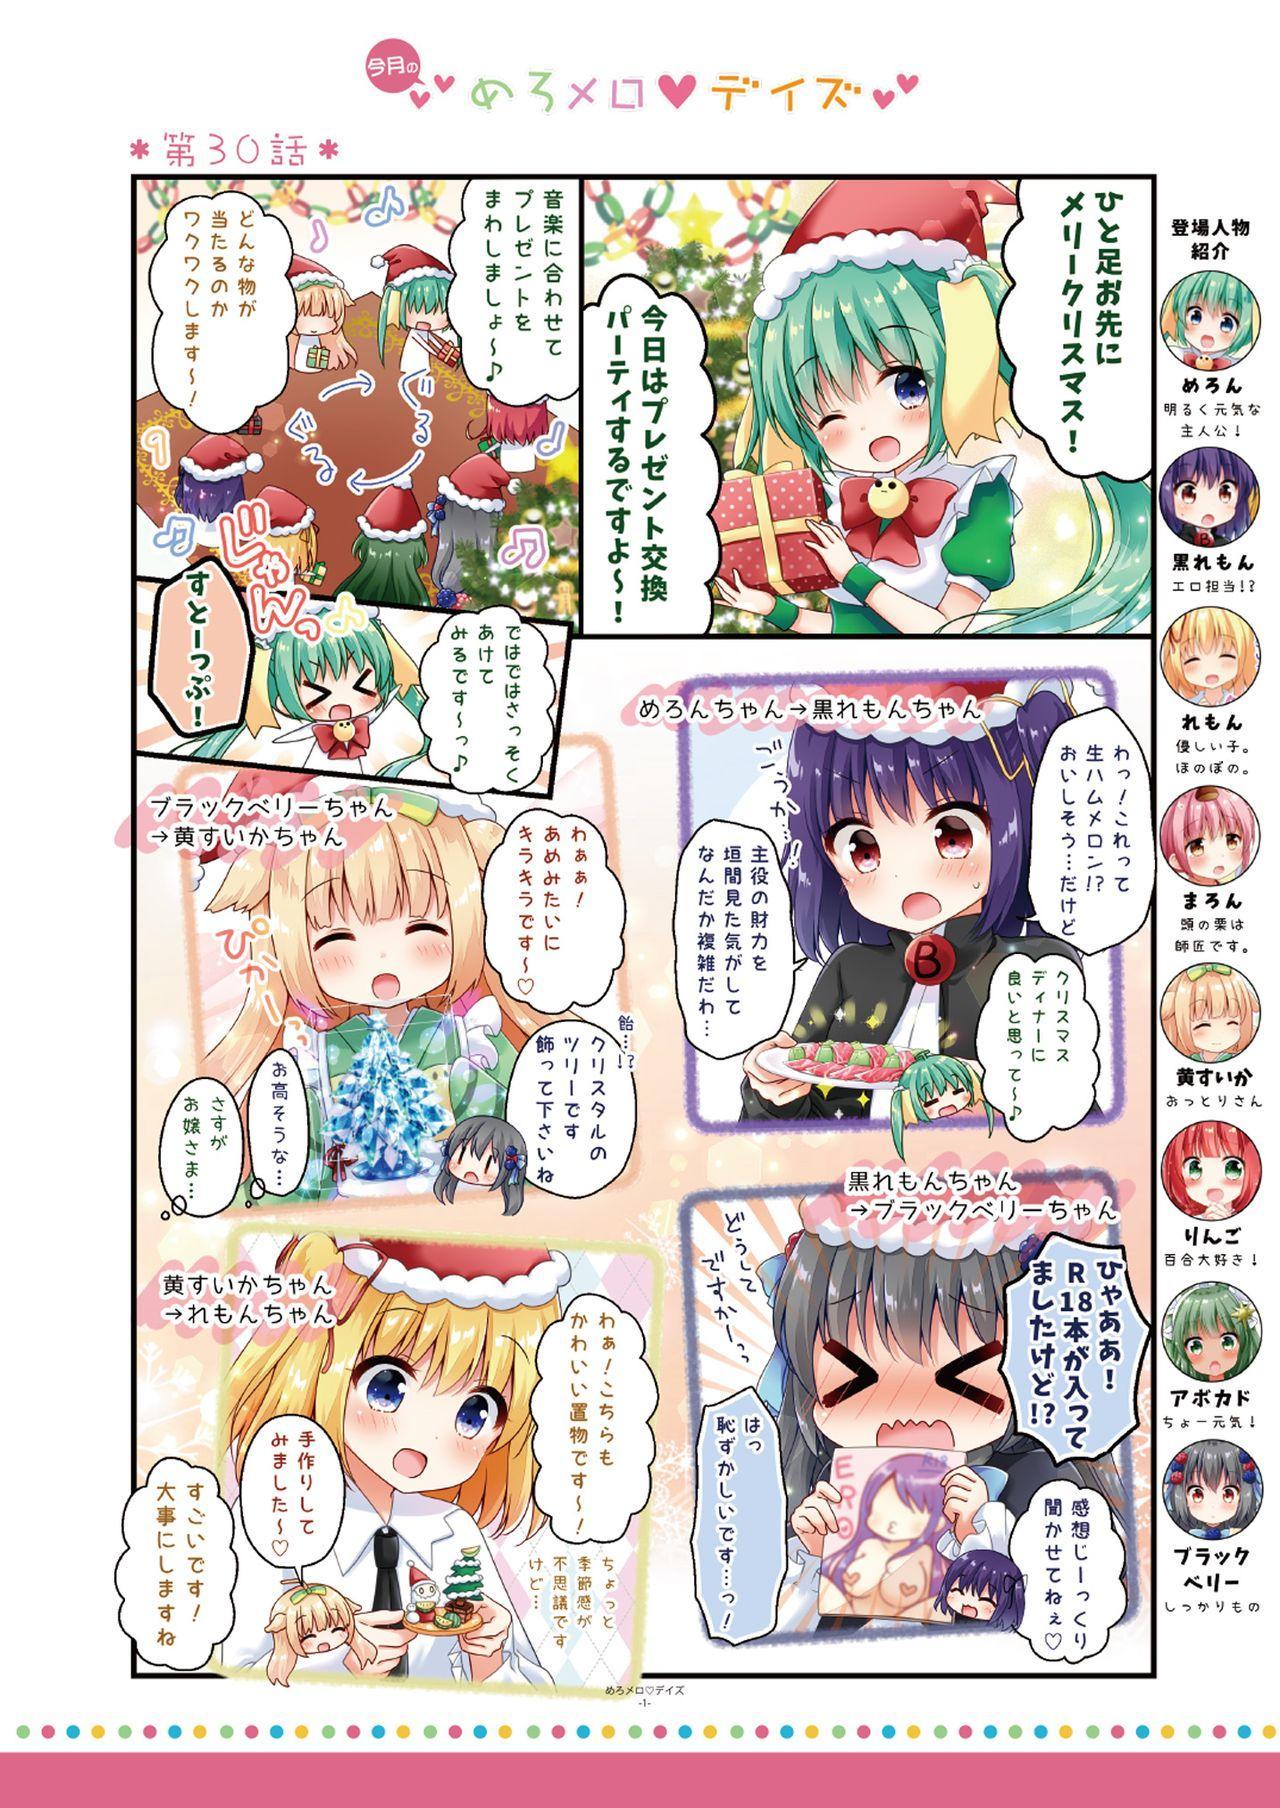 月刊うりぼうざっか店 2018年11月25日発行号 40